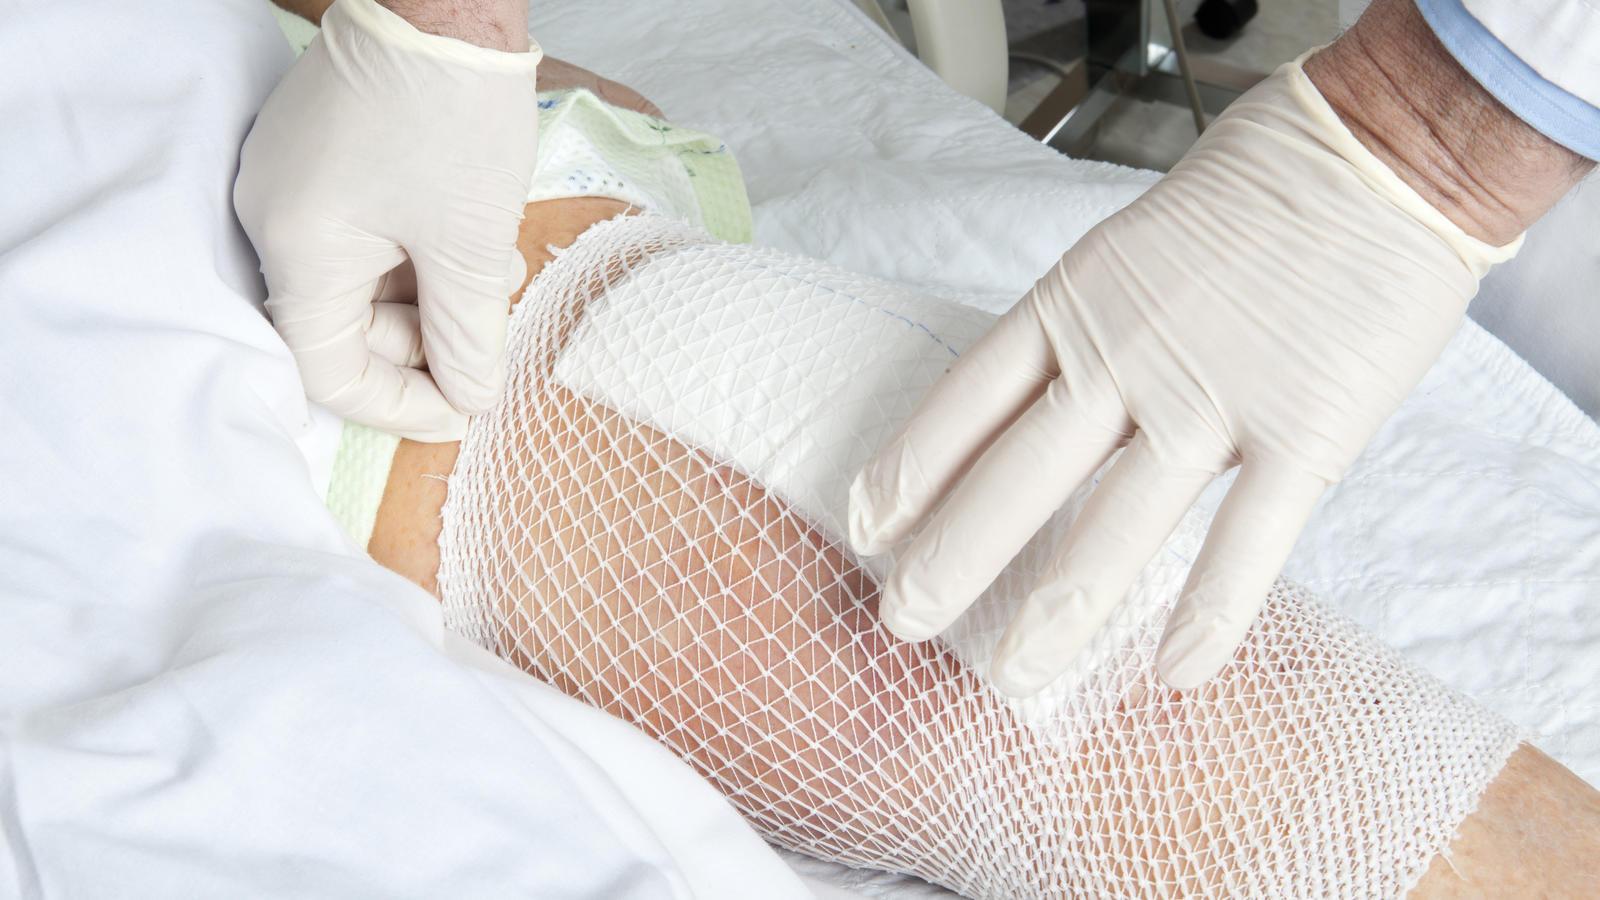 Kuriose Suche: 16-Jähriger verliert ein Stück seines Kniegelenks im ...